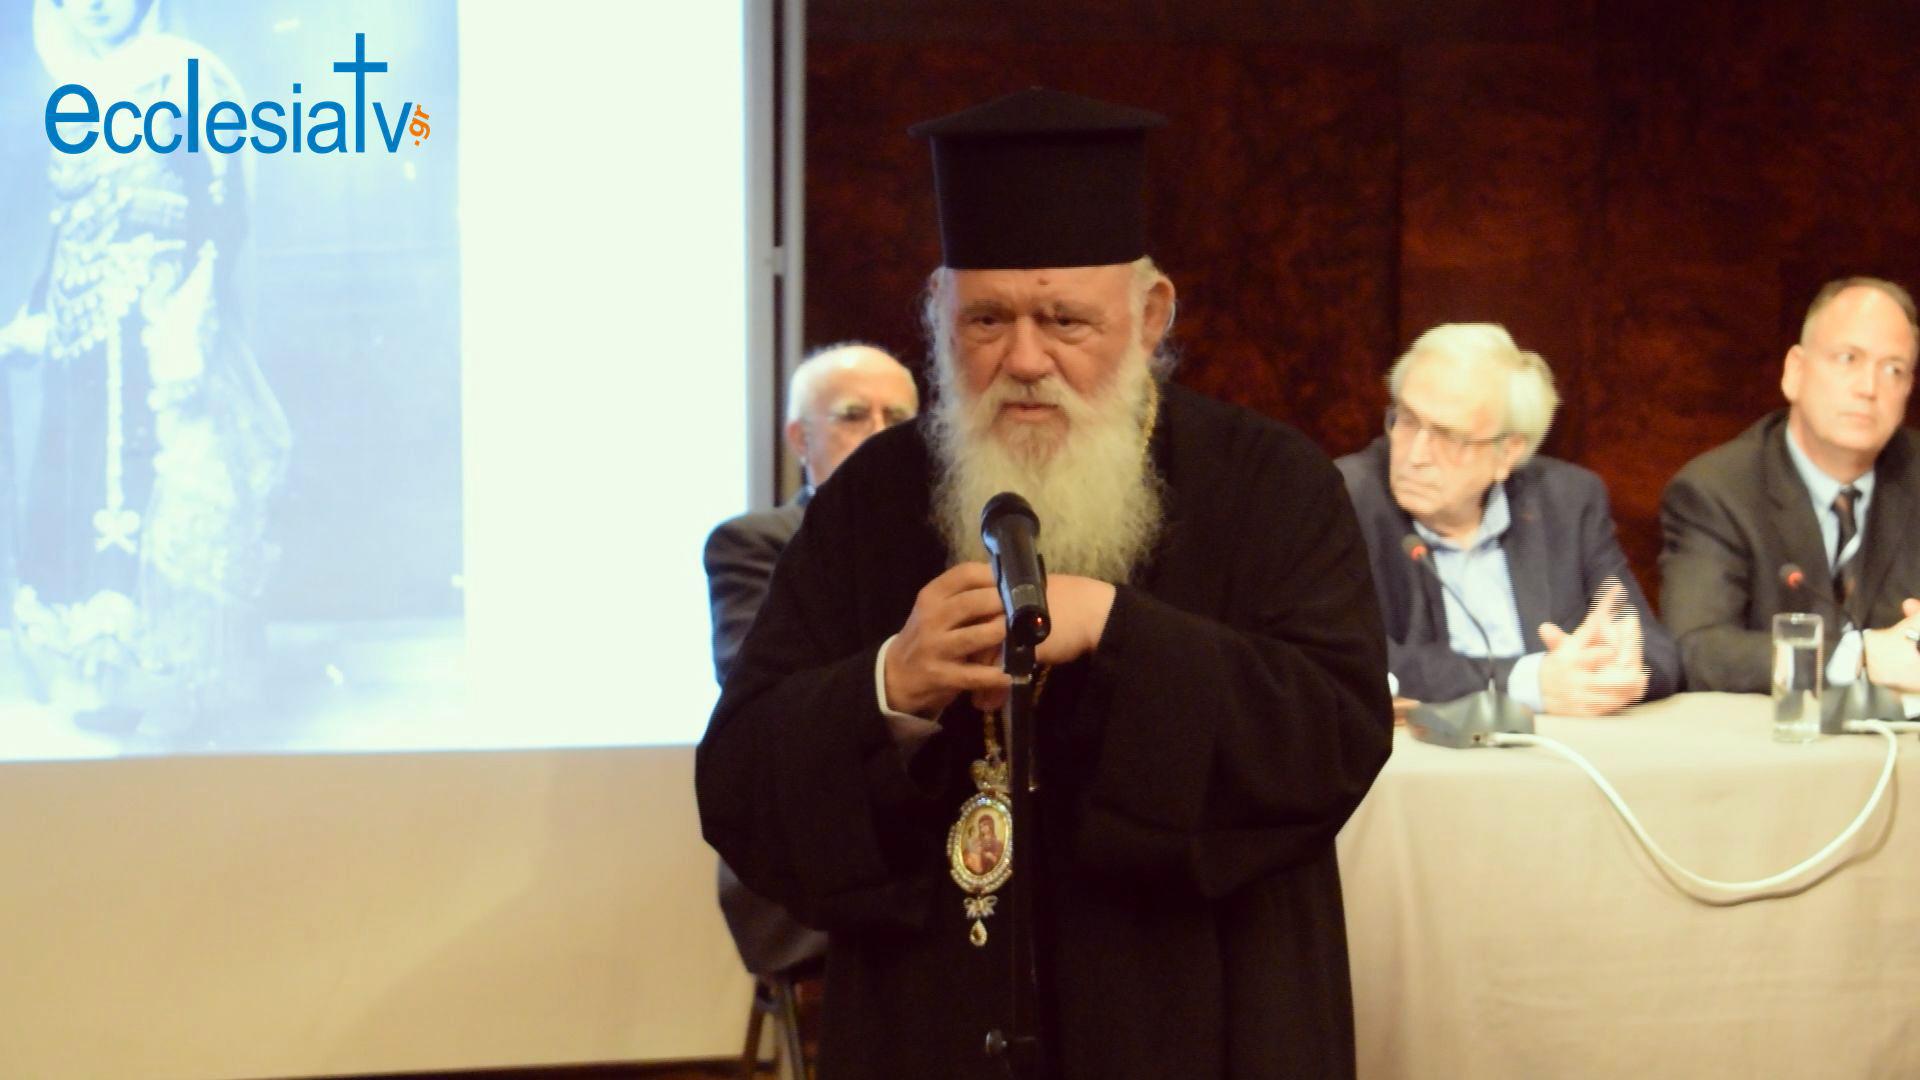 Ο Αρχιεπίσκοπος Αθηνών και πάσης Ελλάδος κ. ΙΕΡΩΝΥΜΟΣ ομιλεί για το βιβλίο του Πέτρου Φιλίππου-Αγγέλου VIDEO